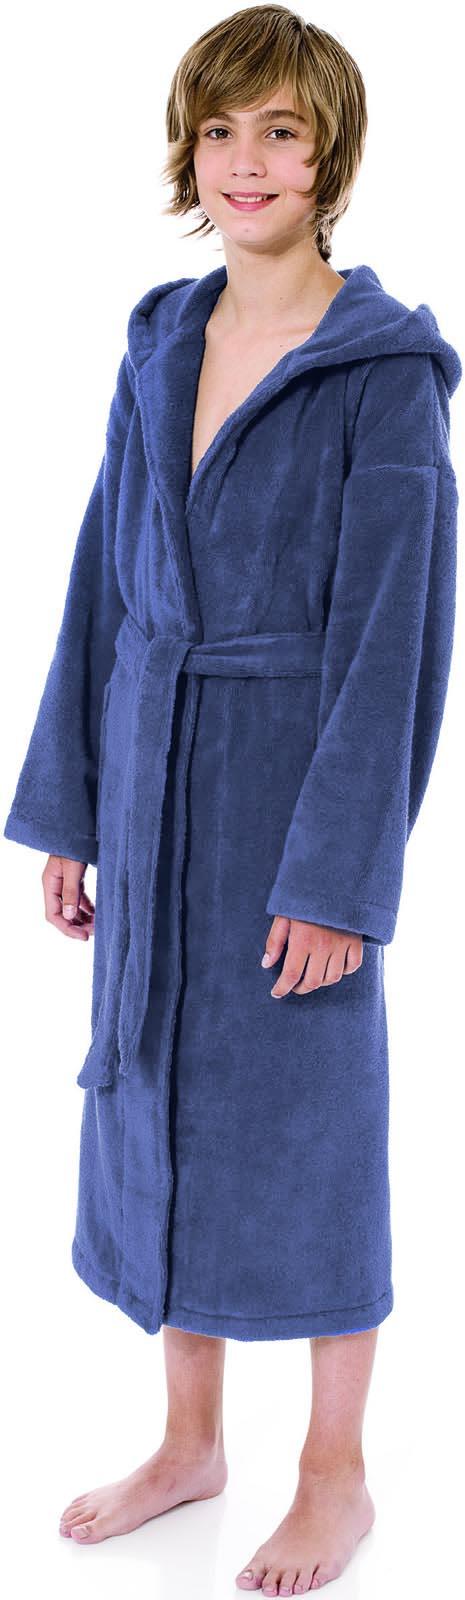 Kobaltblauwe kinderbadjas met capuchon van Egeria-0